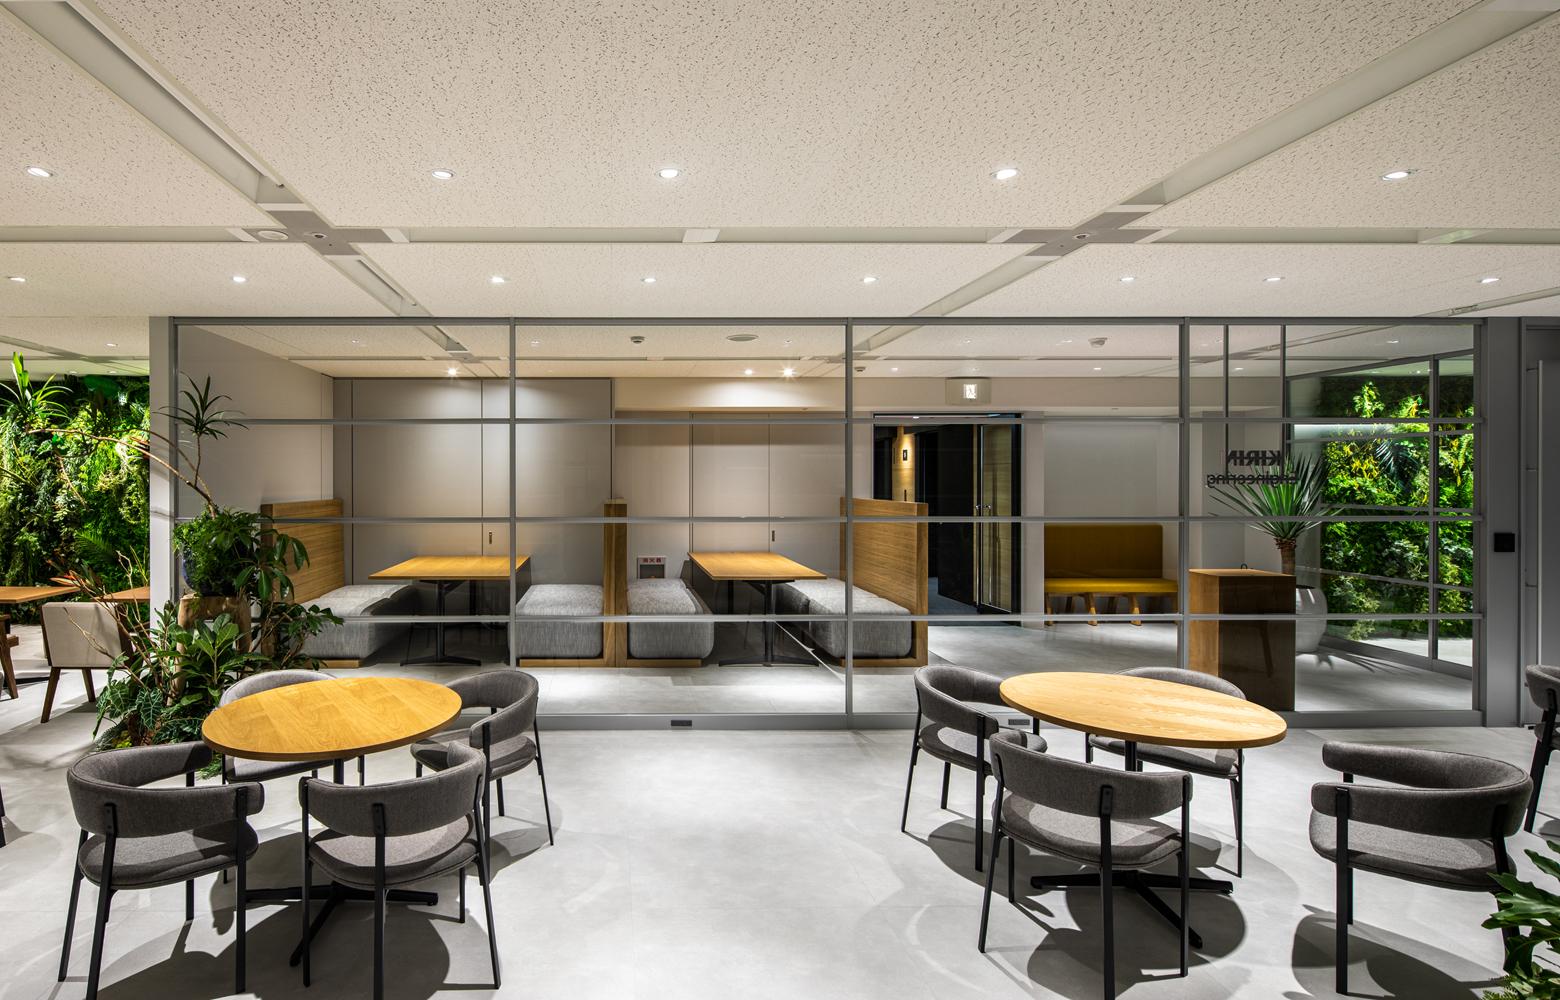 キリンエンジニアリング株式会社 Work Lounge_3 デザイン・レイアウト事例